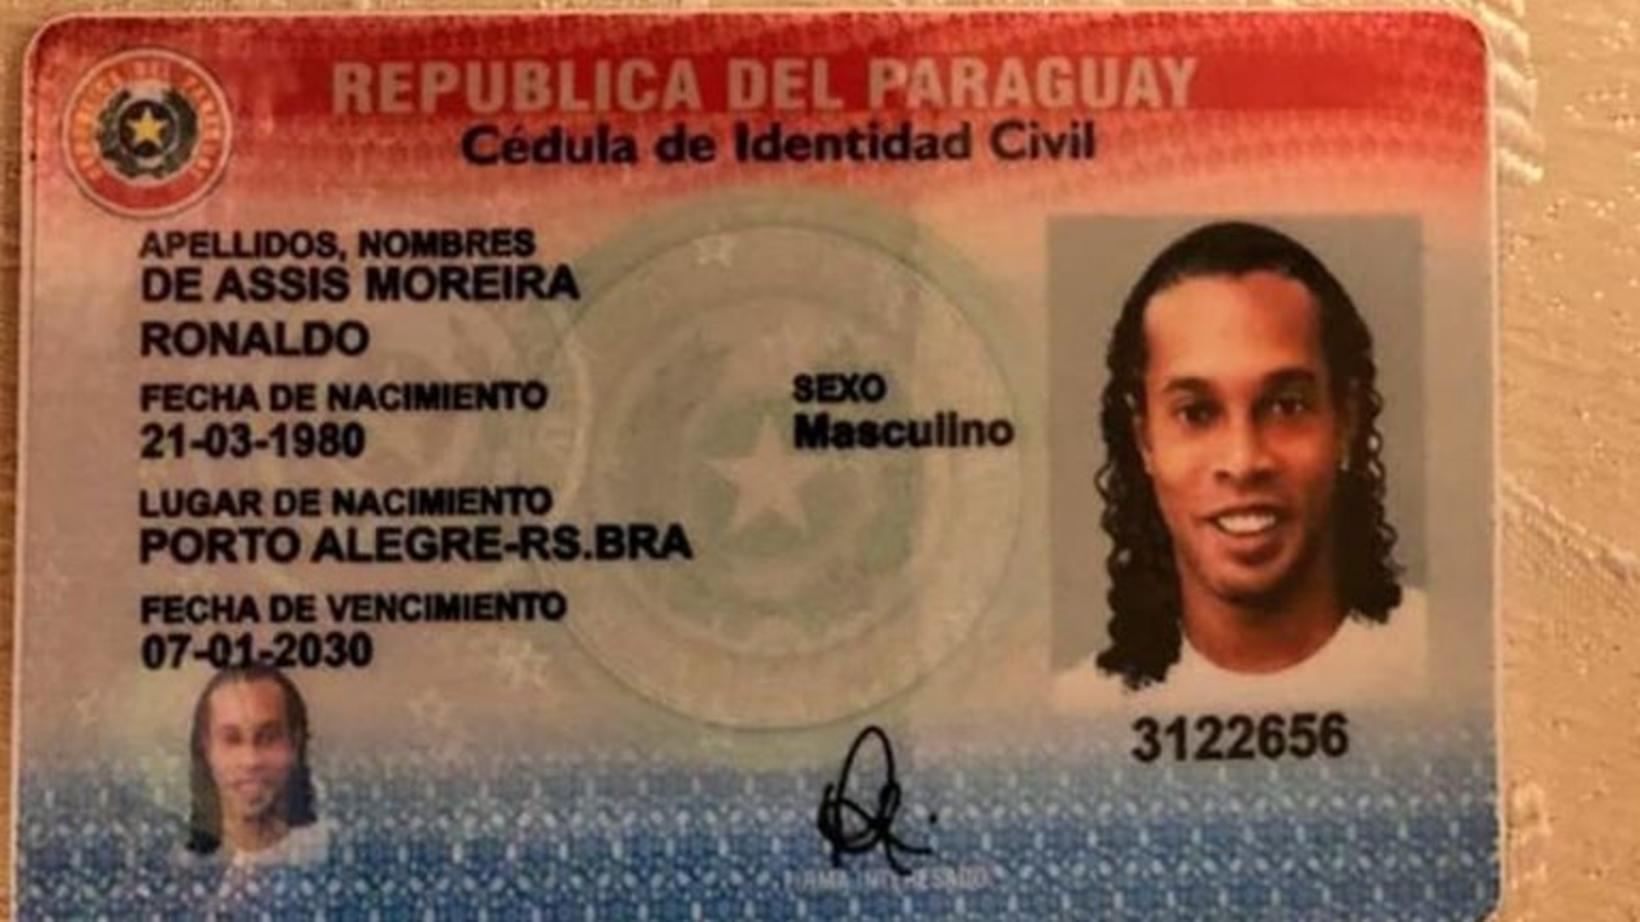 Falsaða vegabréfið sem Ronaldinho var með í fórum sér.